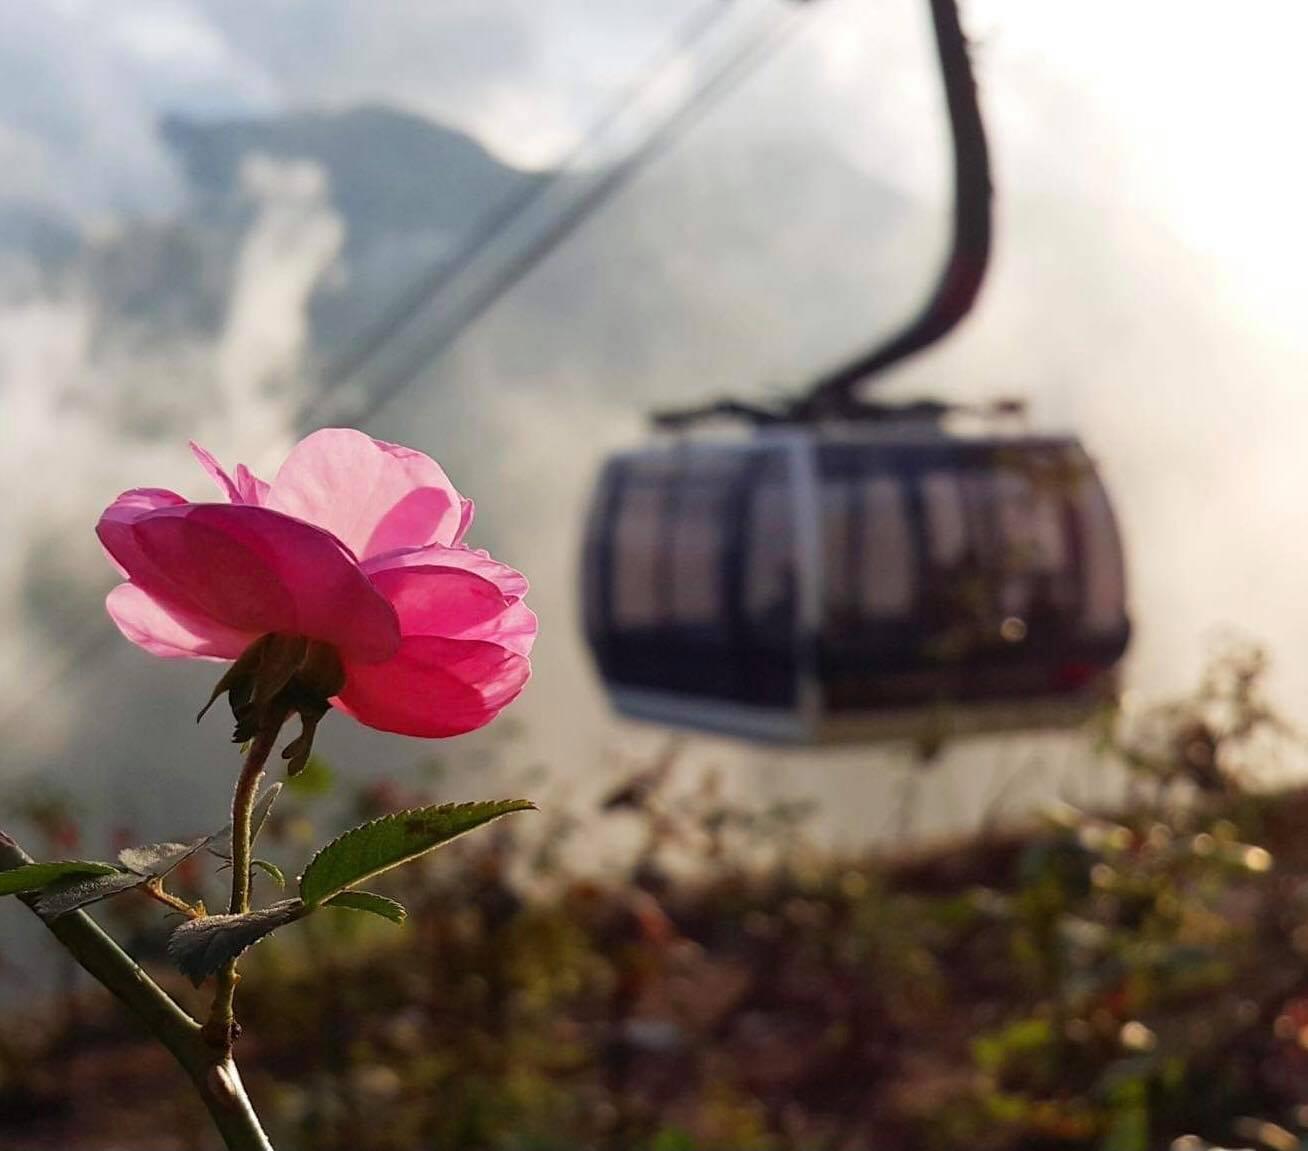 Du lịch Sa Pa khởi sắc, lượng du khách tăng tới 163% - hình ảnh 1